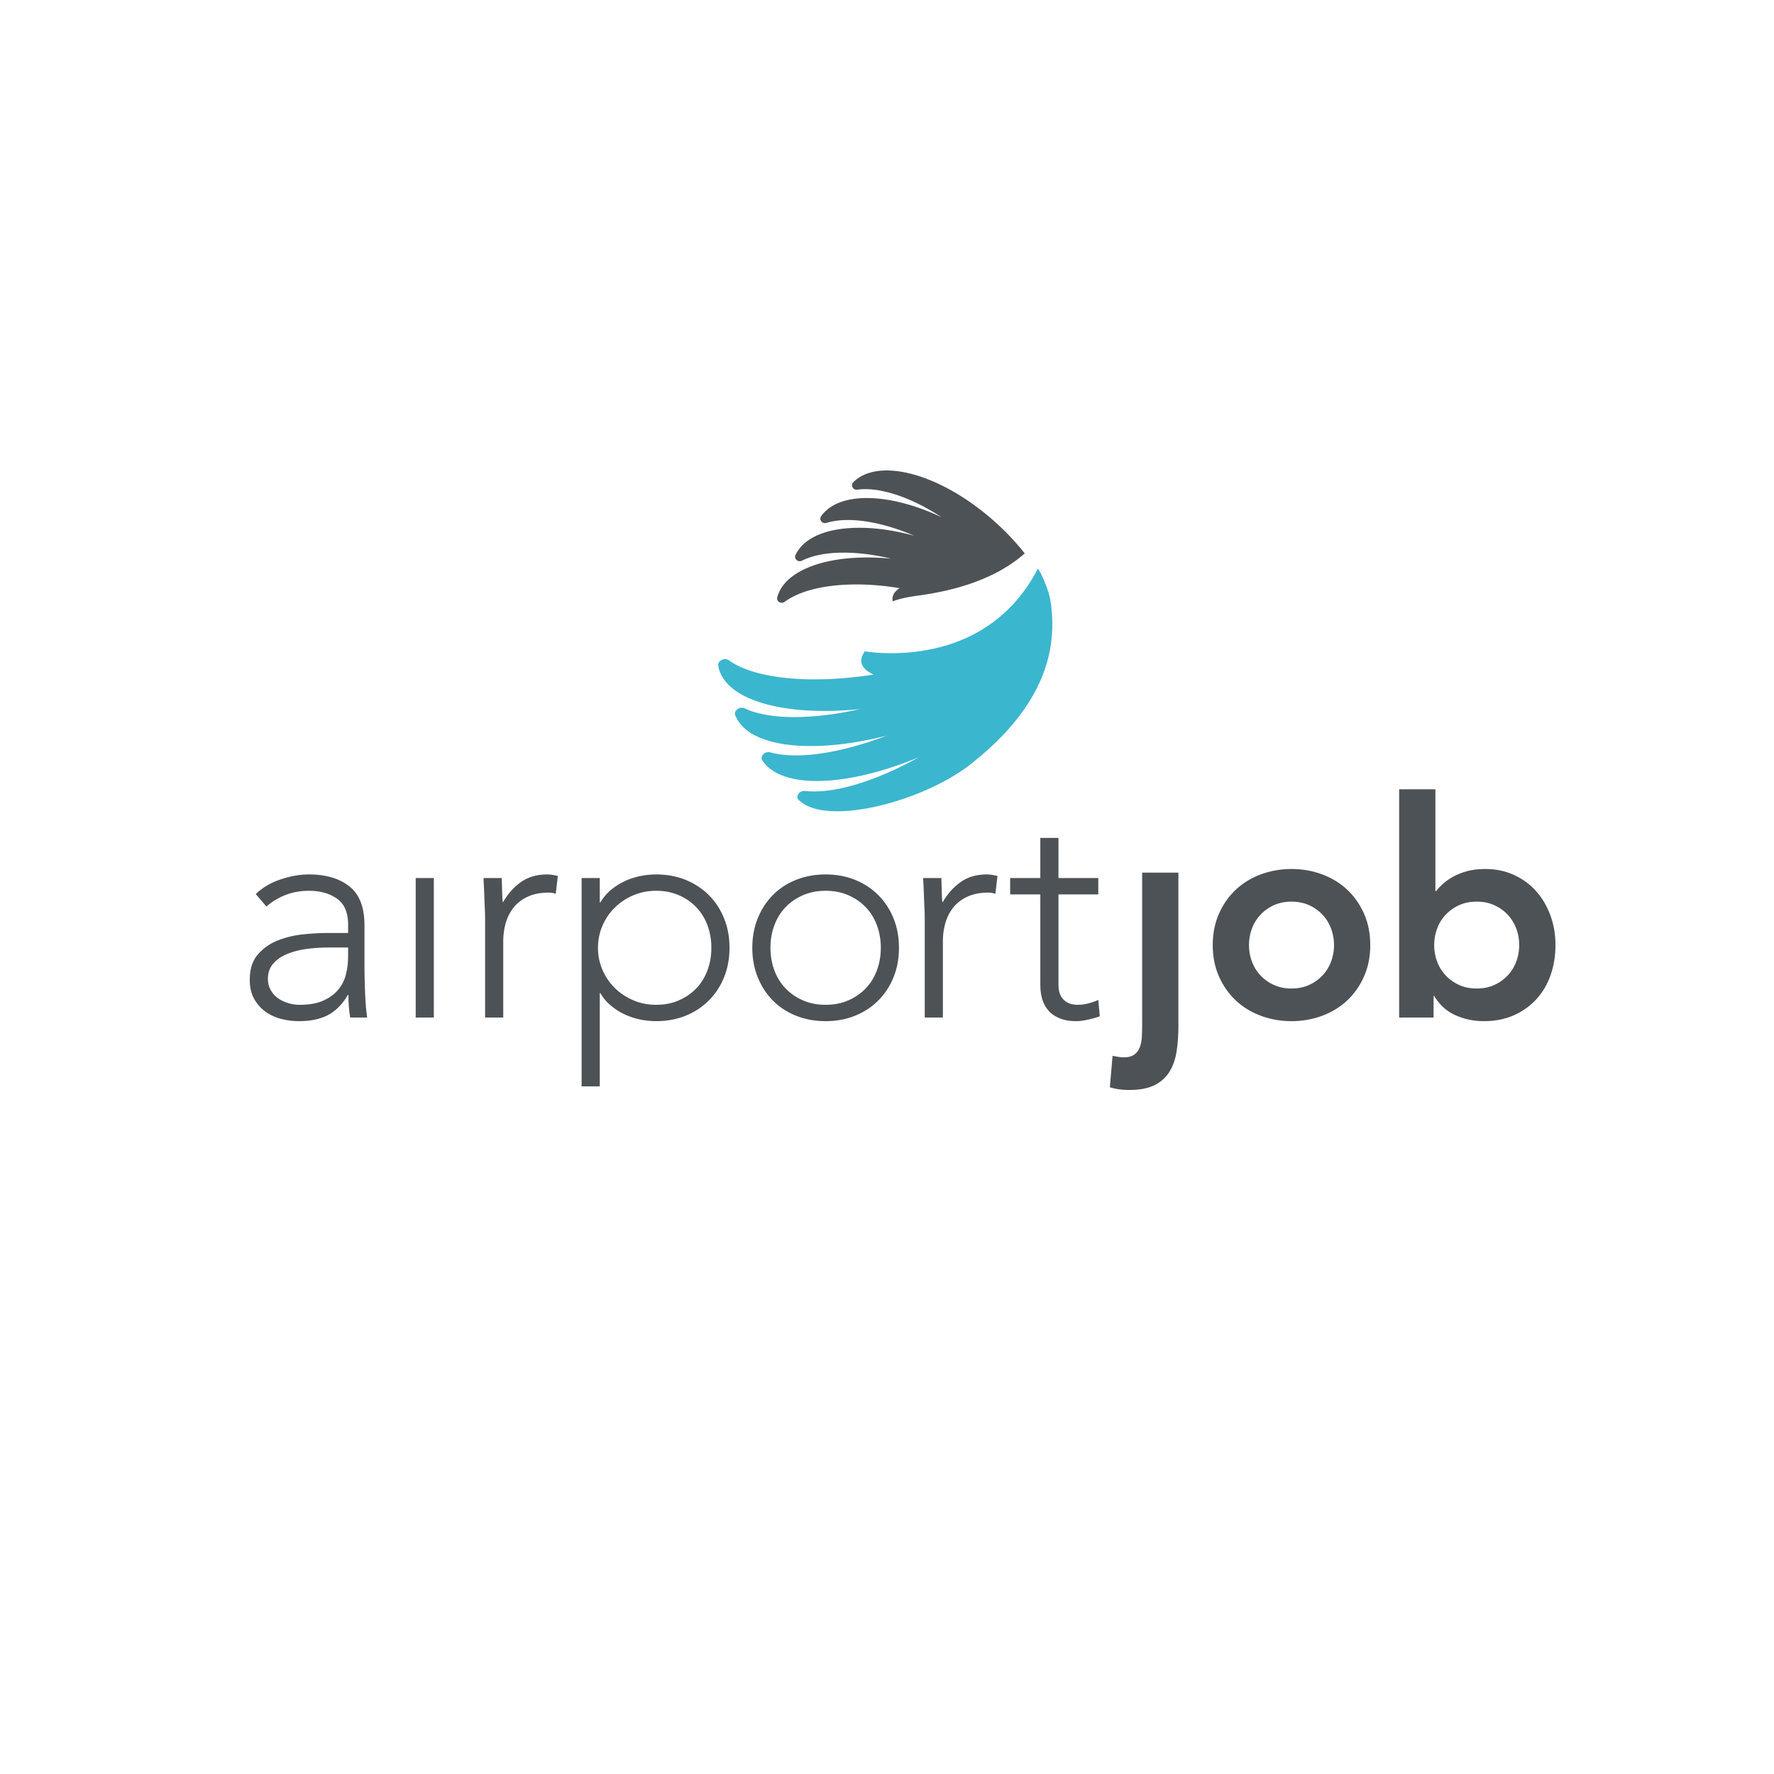 AirportJob